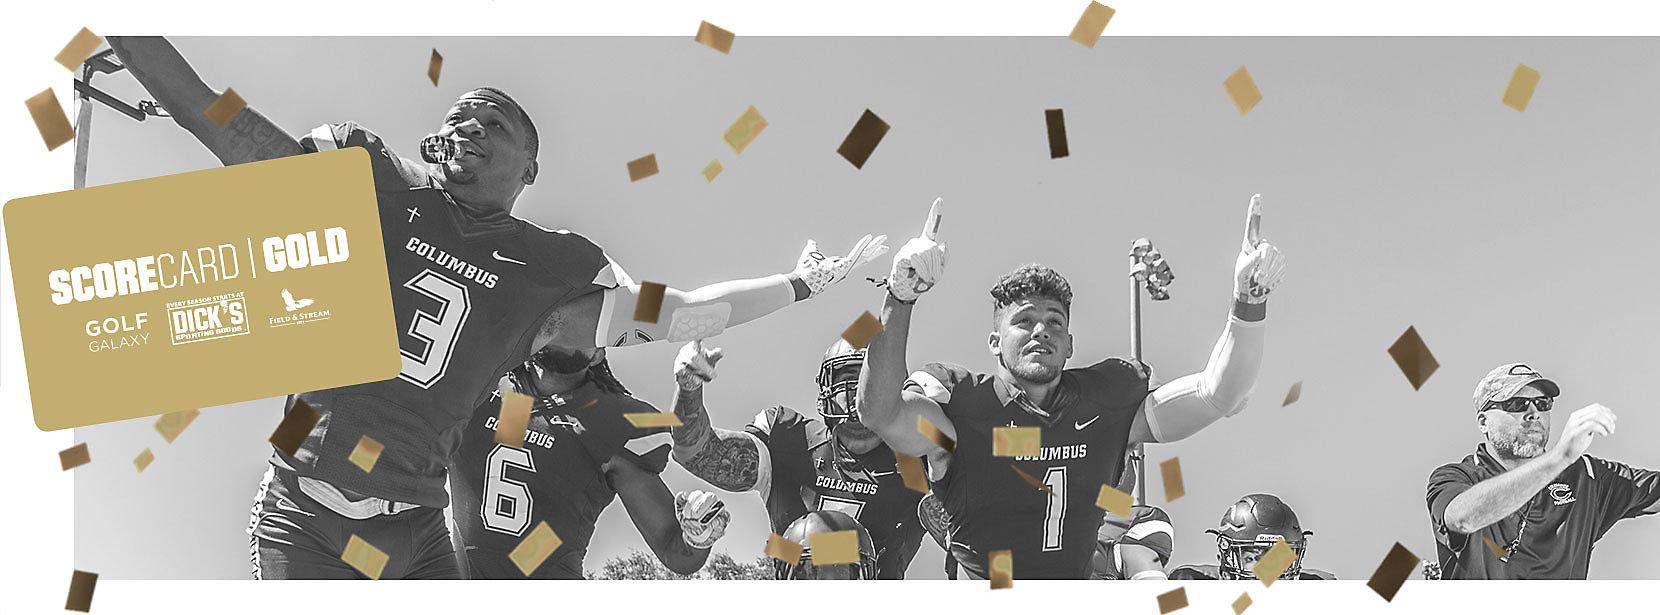 ScoreCard Gold.